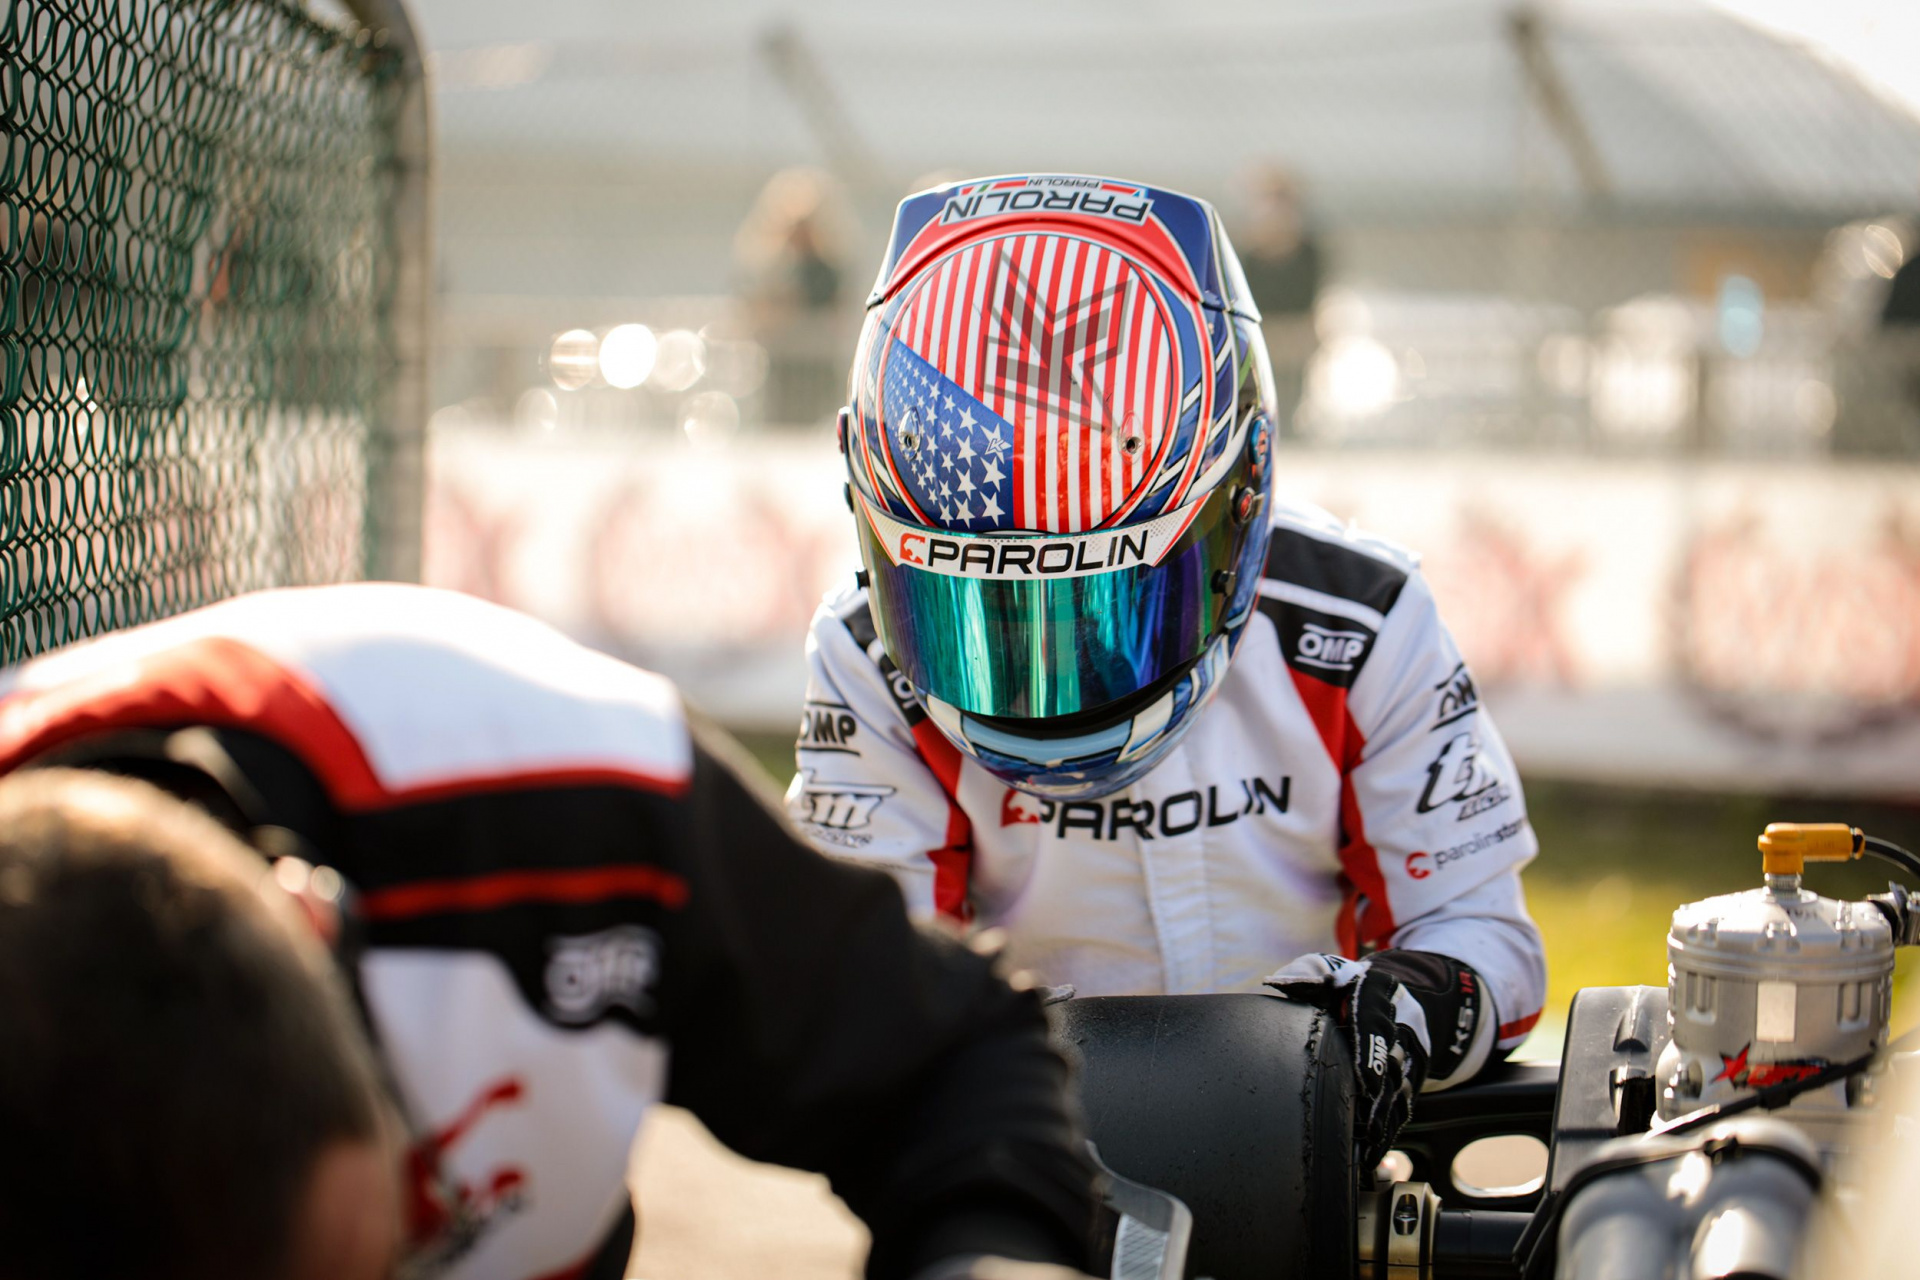 Kai Sorensen takes to the track at Muro Leccese